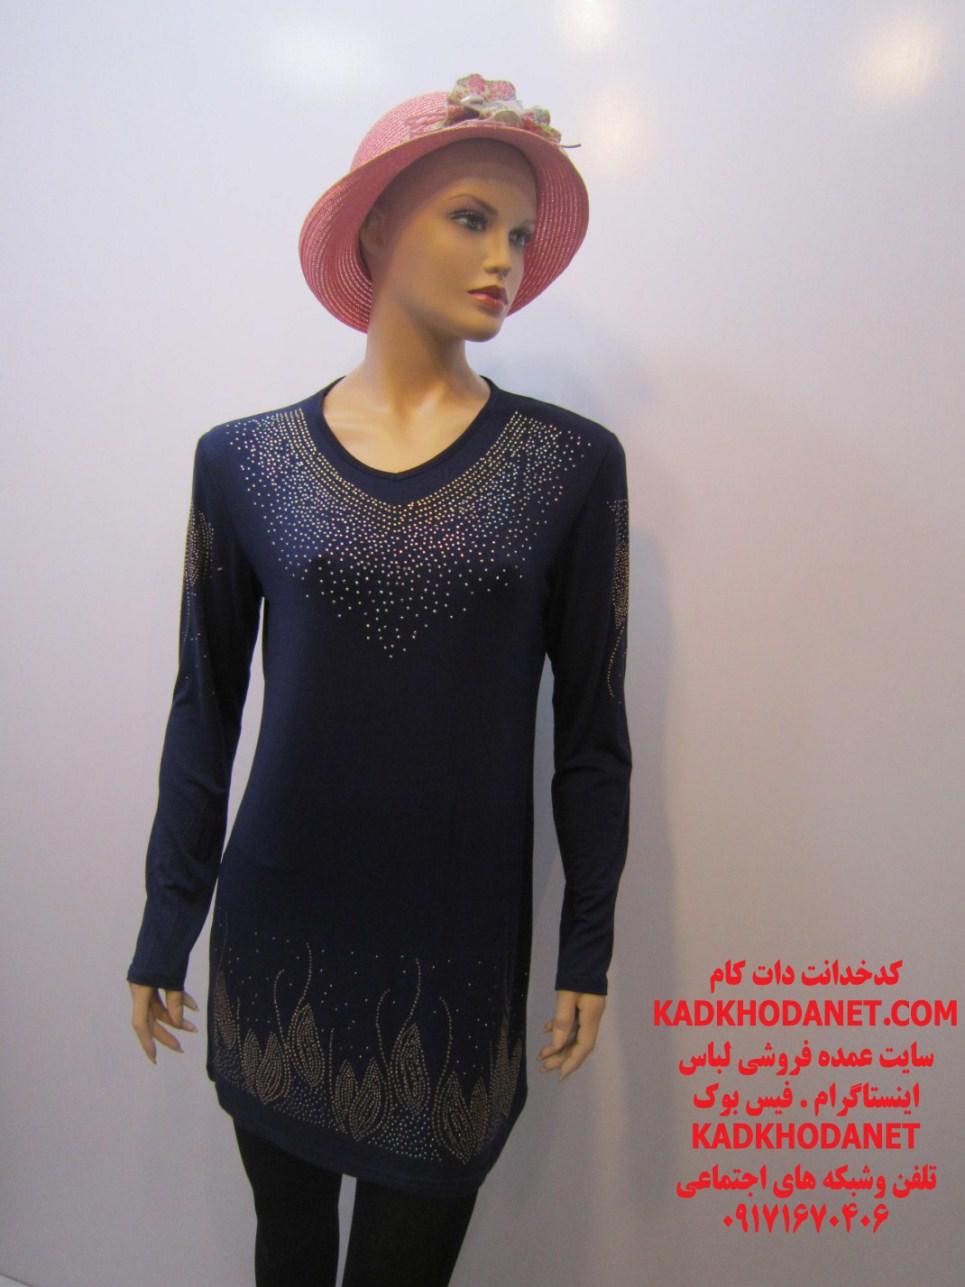 فروشگاه لباس زنانه فروشی (2)